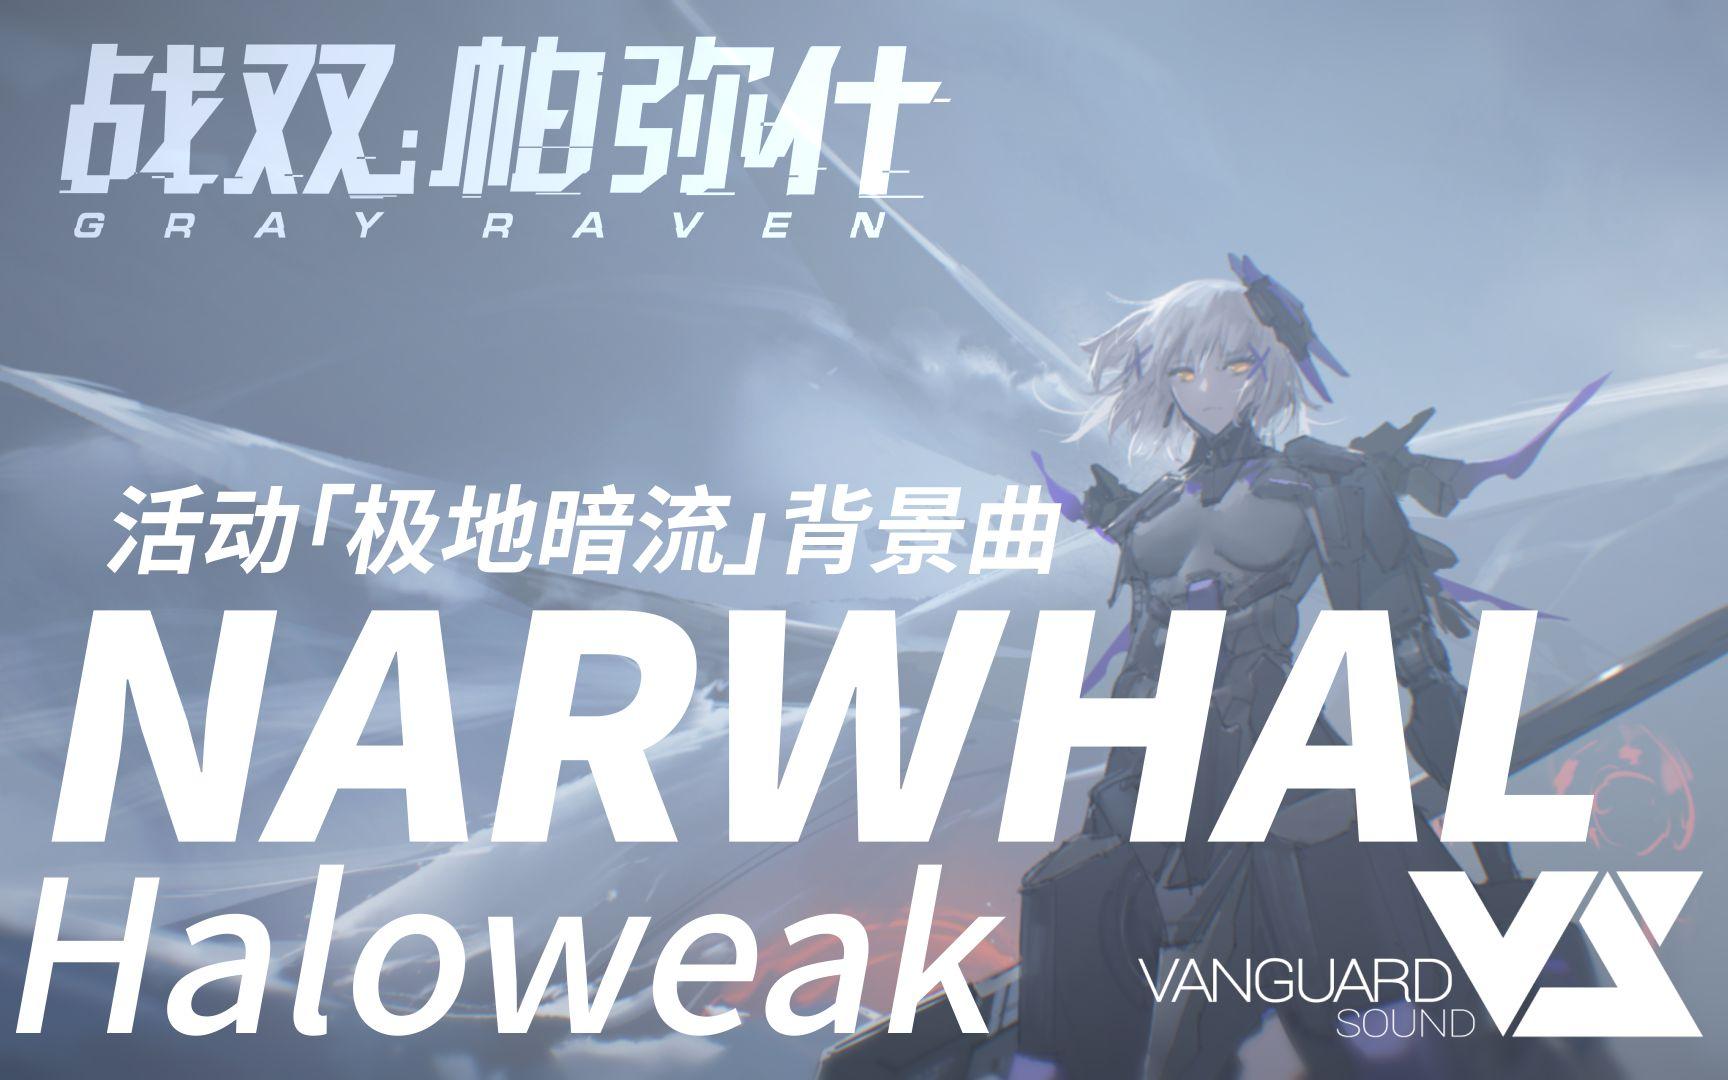 【Haloweak】极地暗流BGM官方完整版.jpg